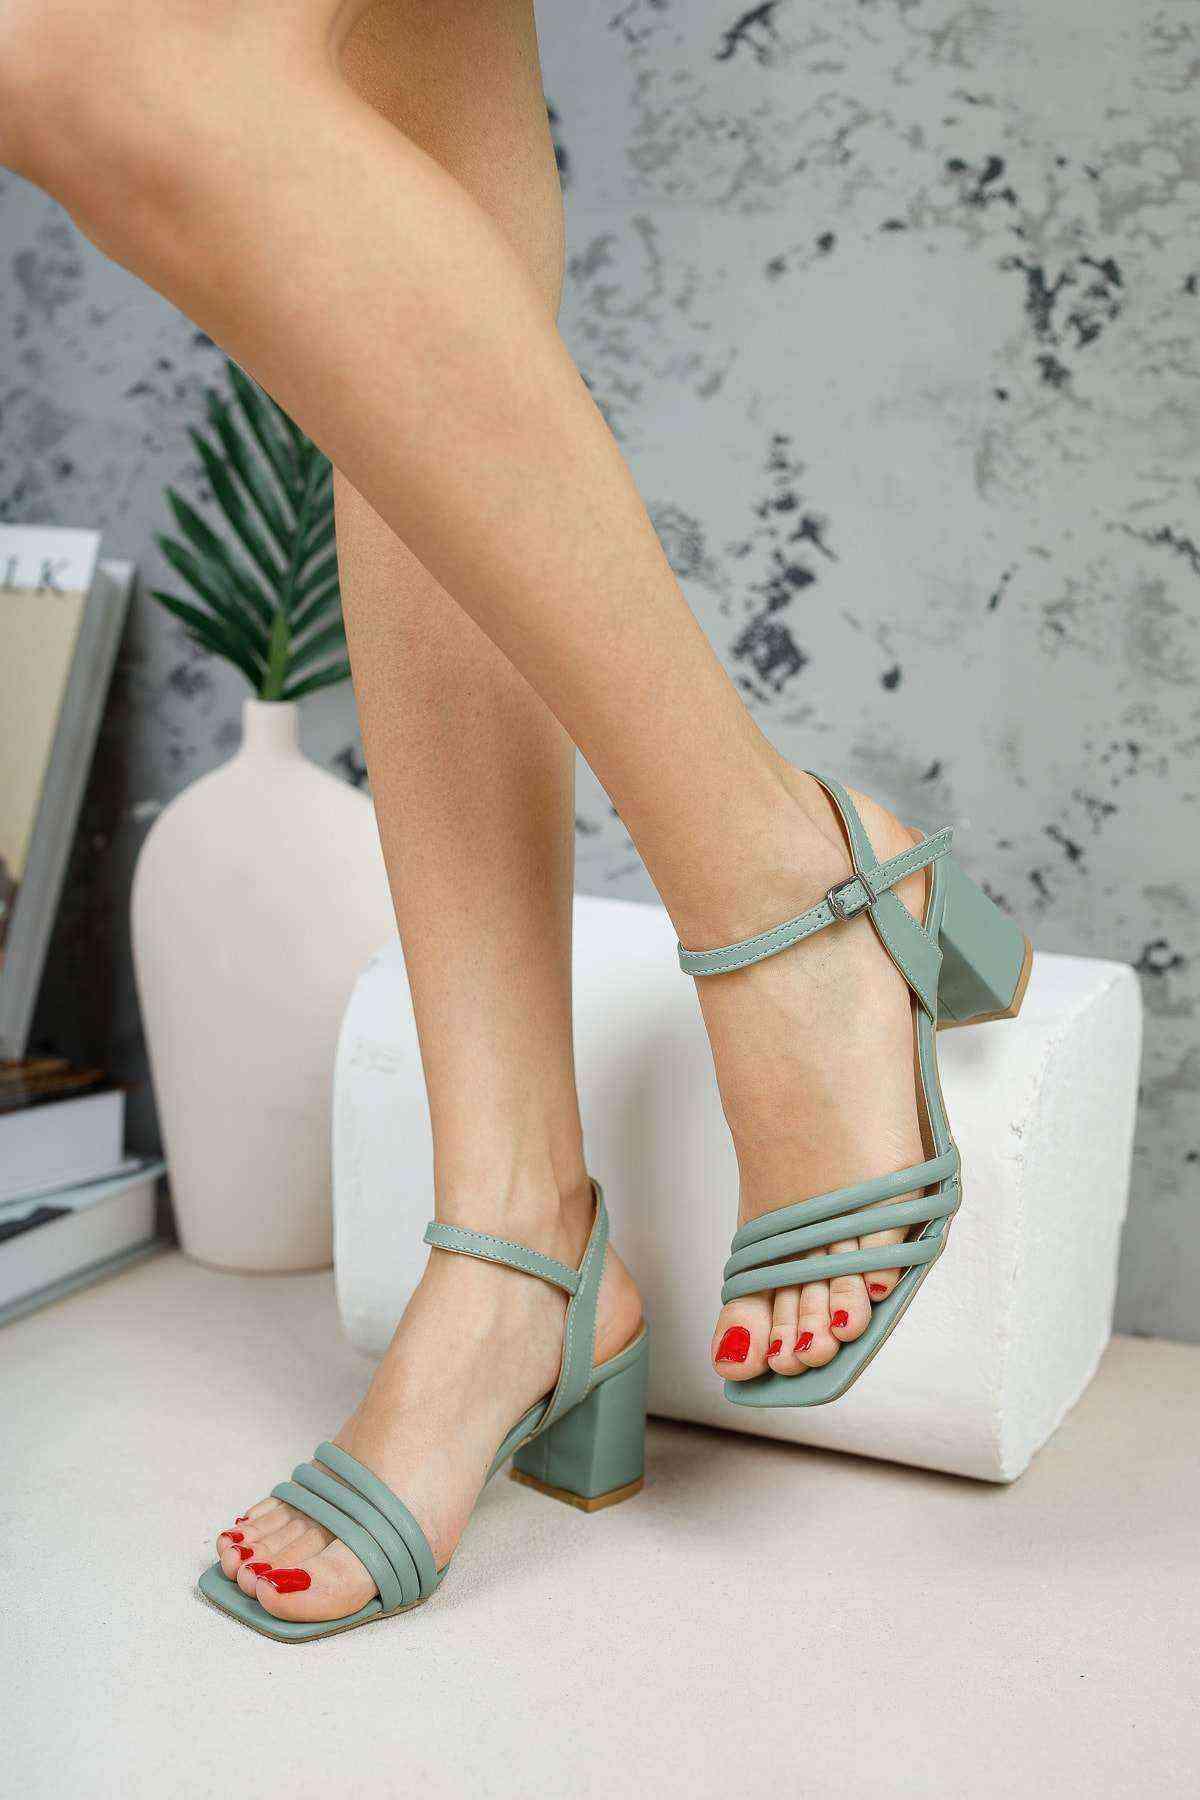 Mint Yeşil 3 Bant Bilekten Bağlı Kadın Topuklu Ayakkabı